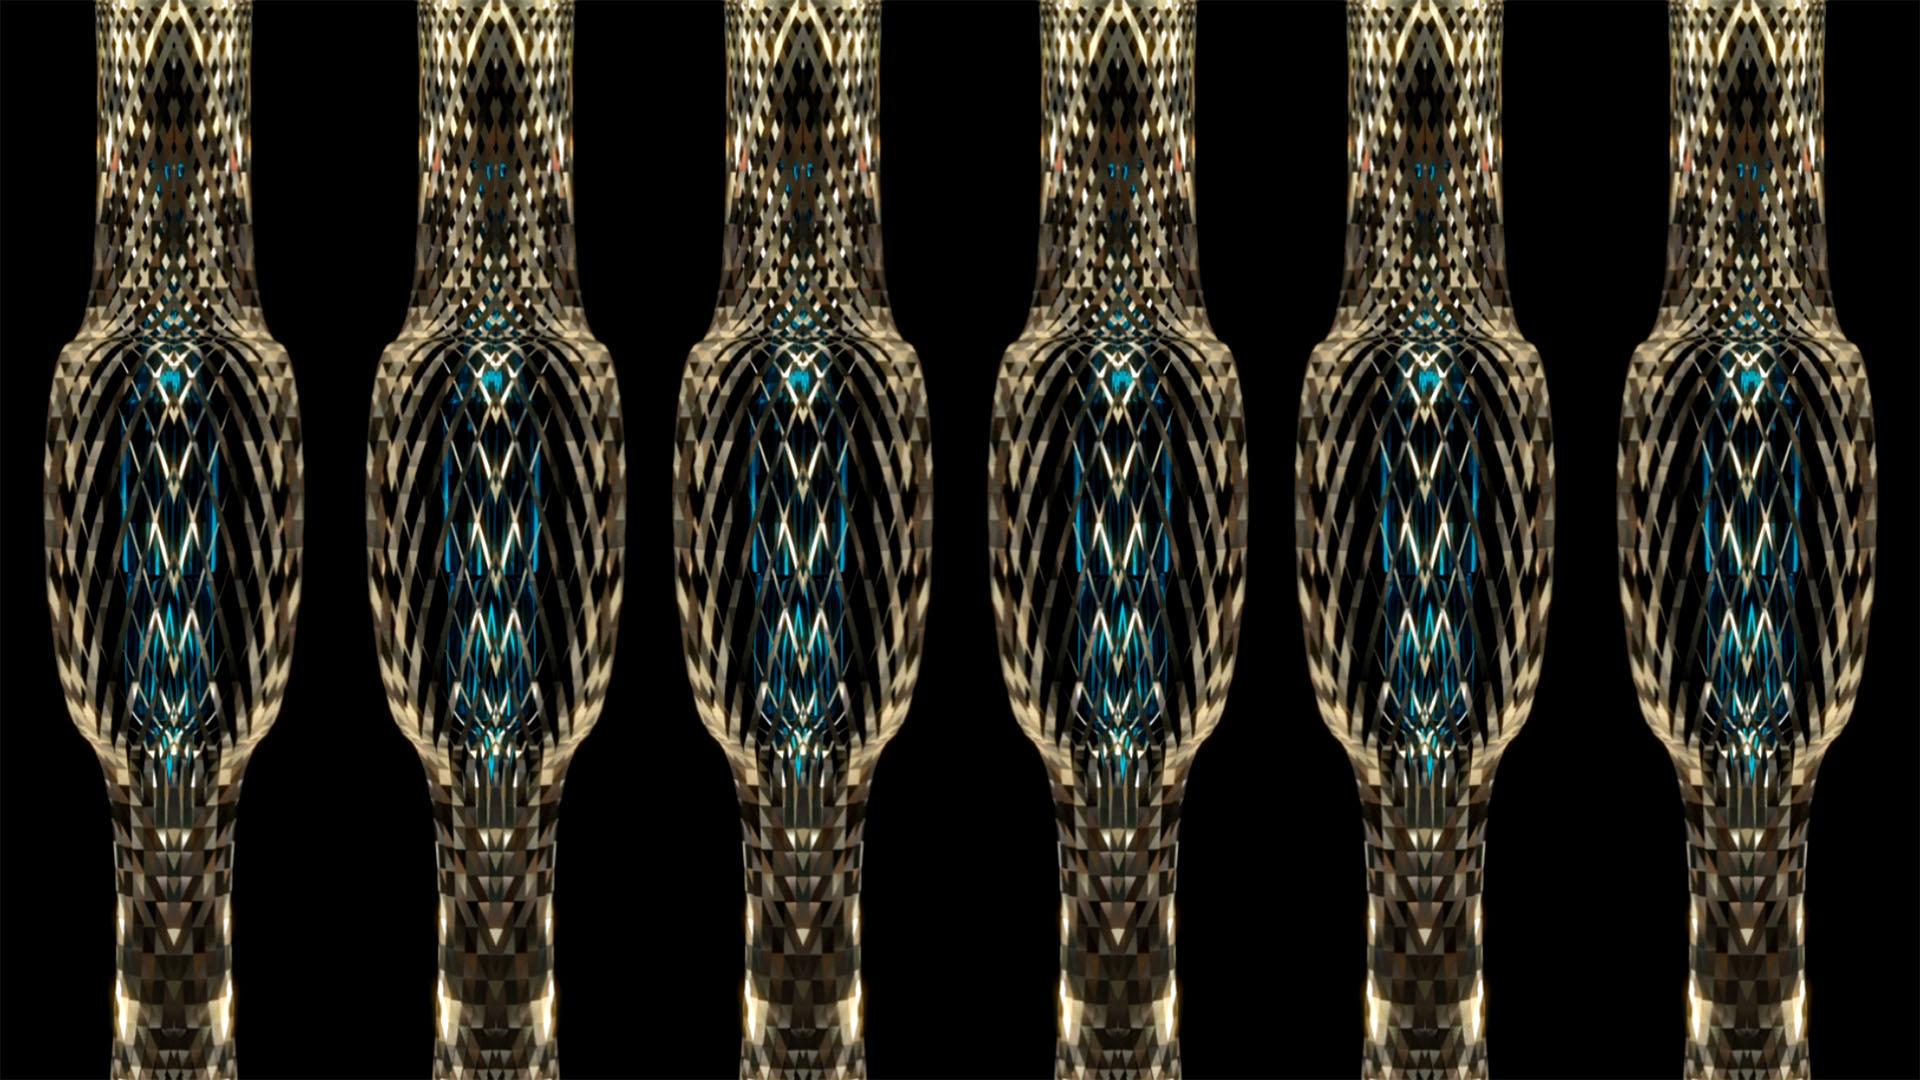 vj loops column visuals video